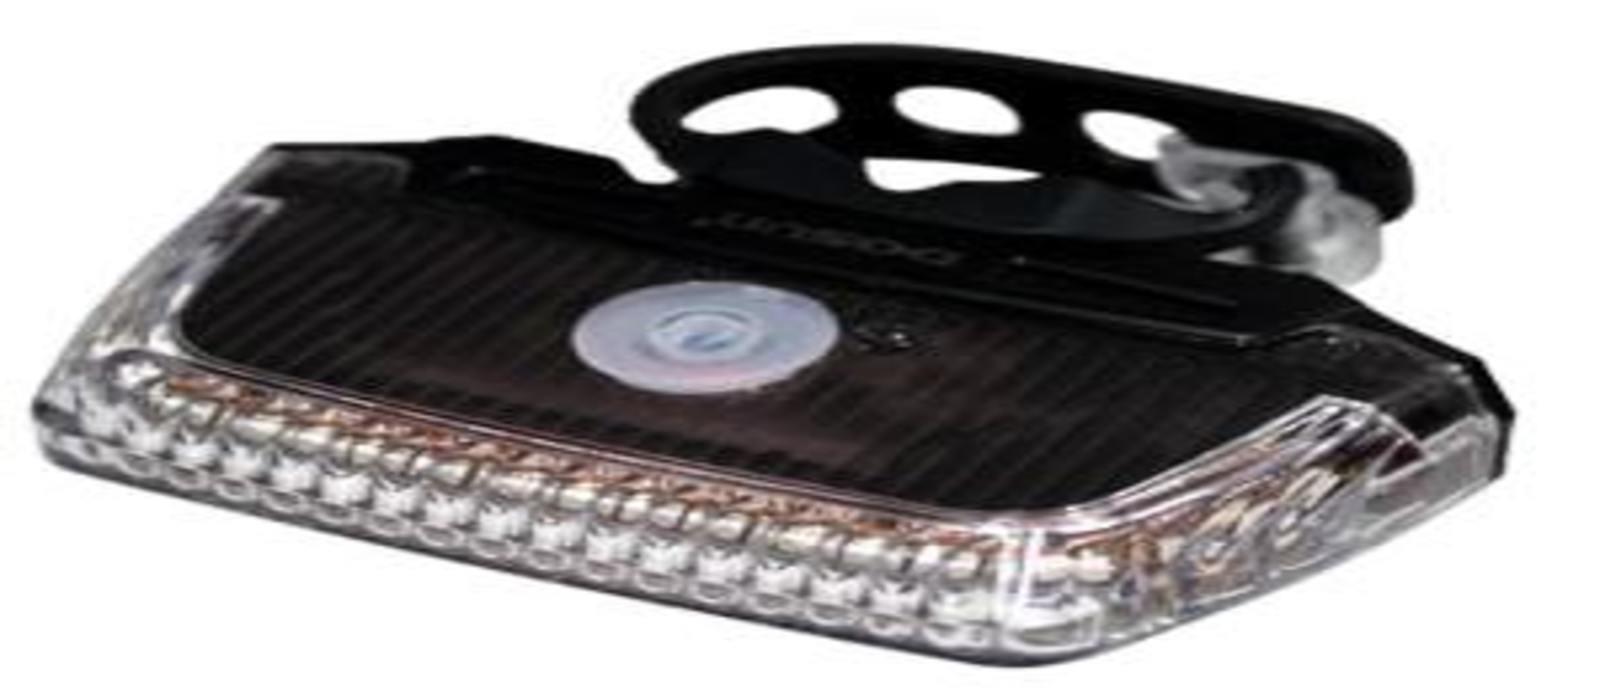 Светоотражатель для велосипеда Dosun USB